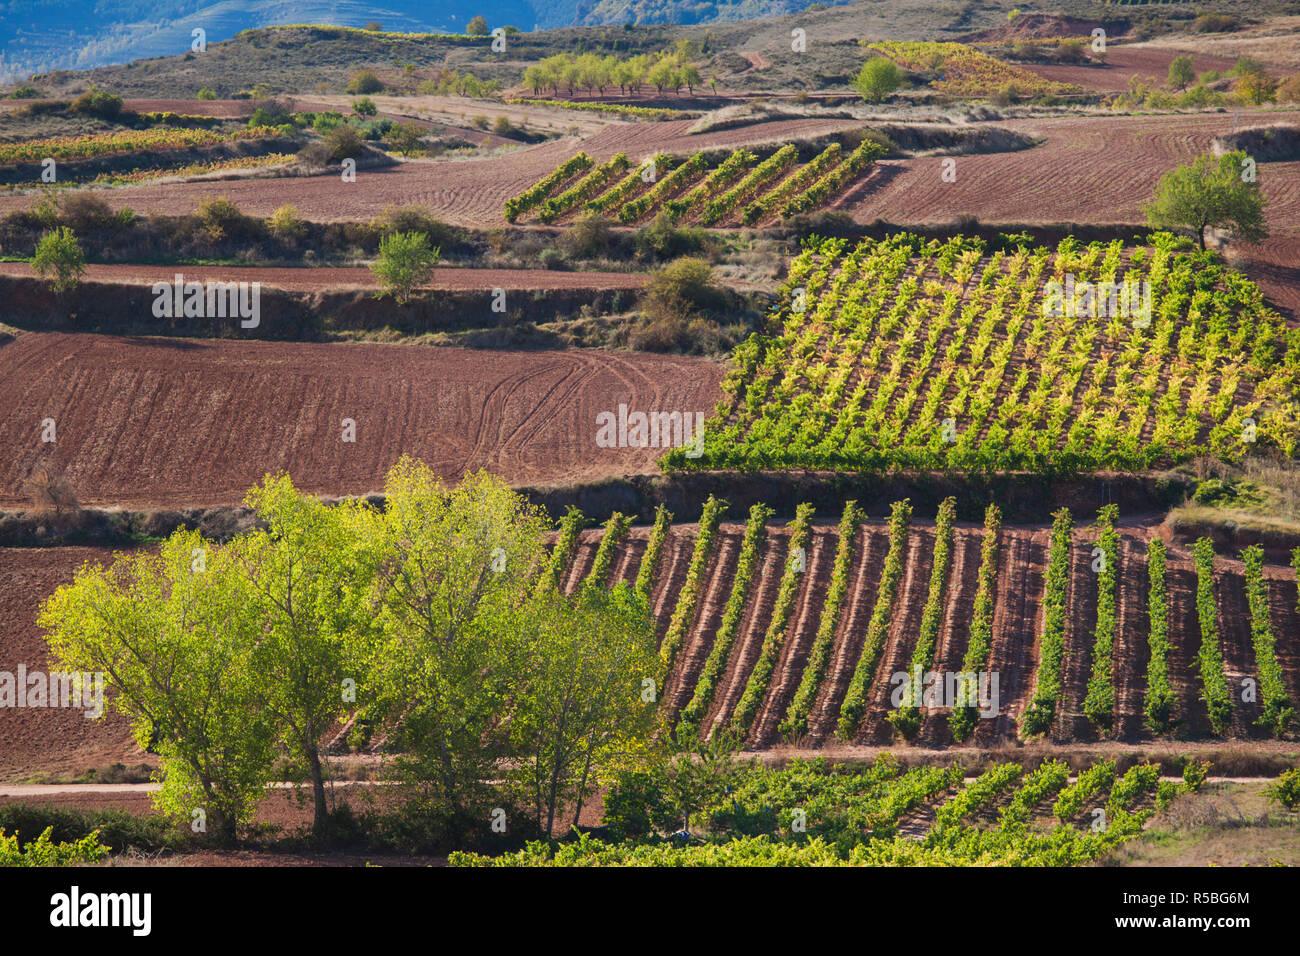 Adult Guide in La Rioja